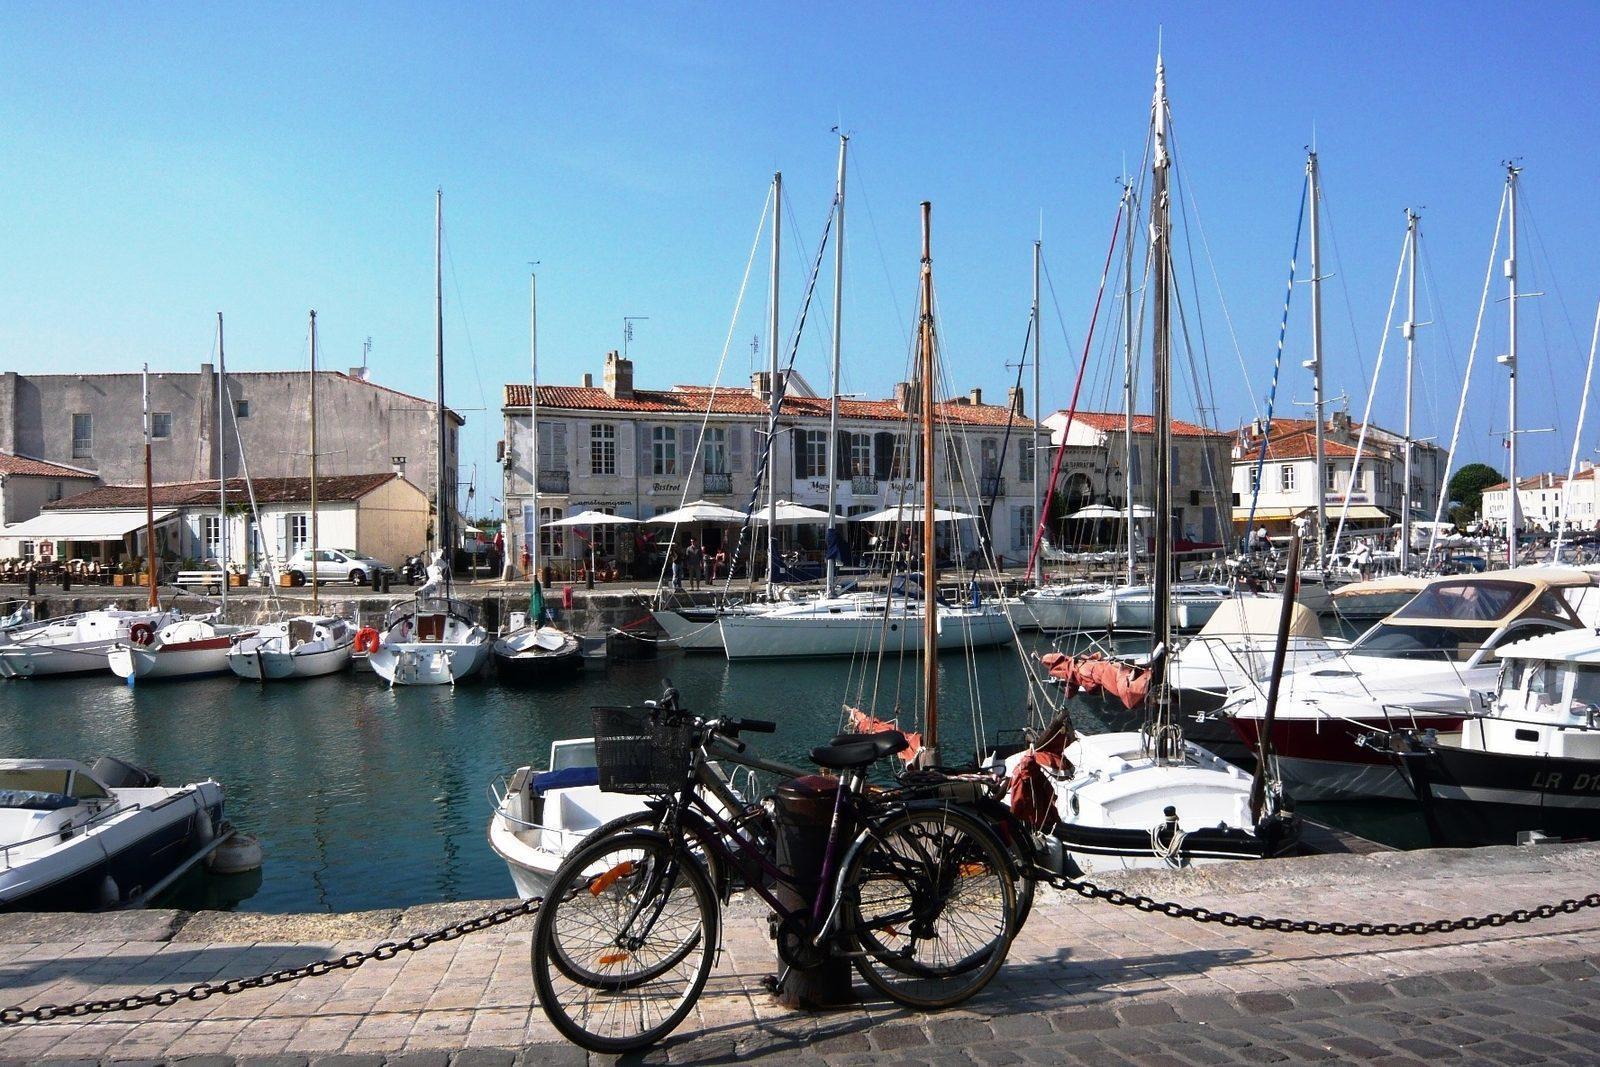 Vakantie vieren in Charente Maritime, Frankrijk